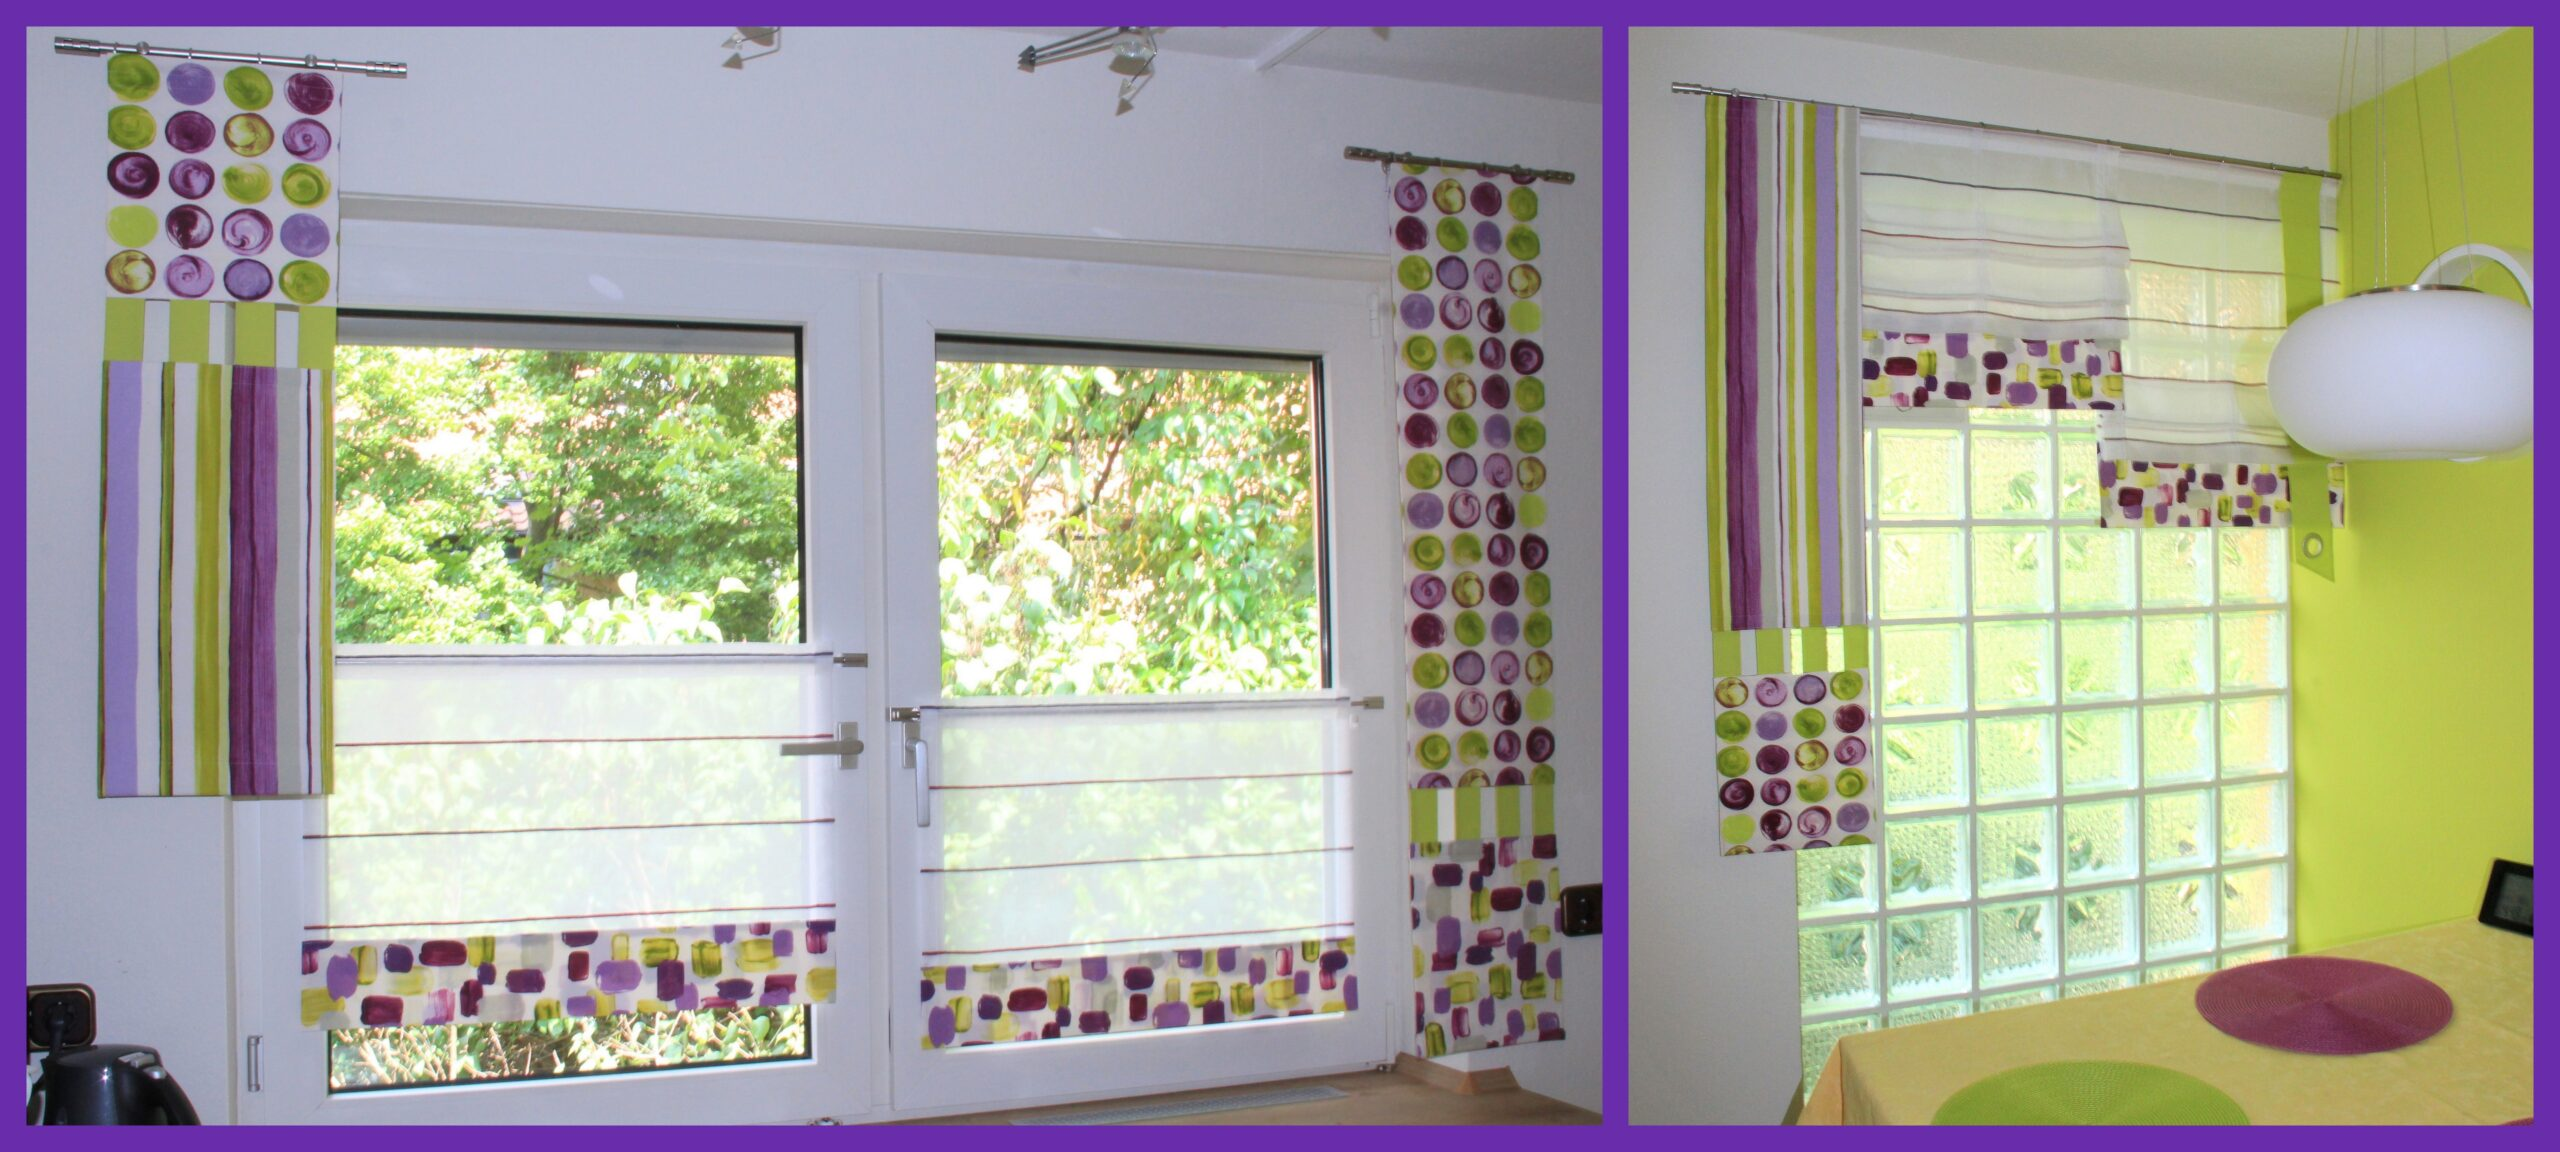 Full Size of Küchen Gardinen Frhliche Kchengardinen Geschenkeria Fenster Für Die Küche Scheibengardinen Wohnzimmer Schlafzimmer Regal Wohnzimmer Küchen Gardinen